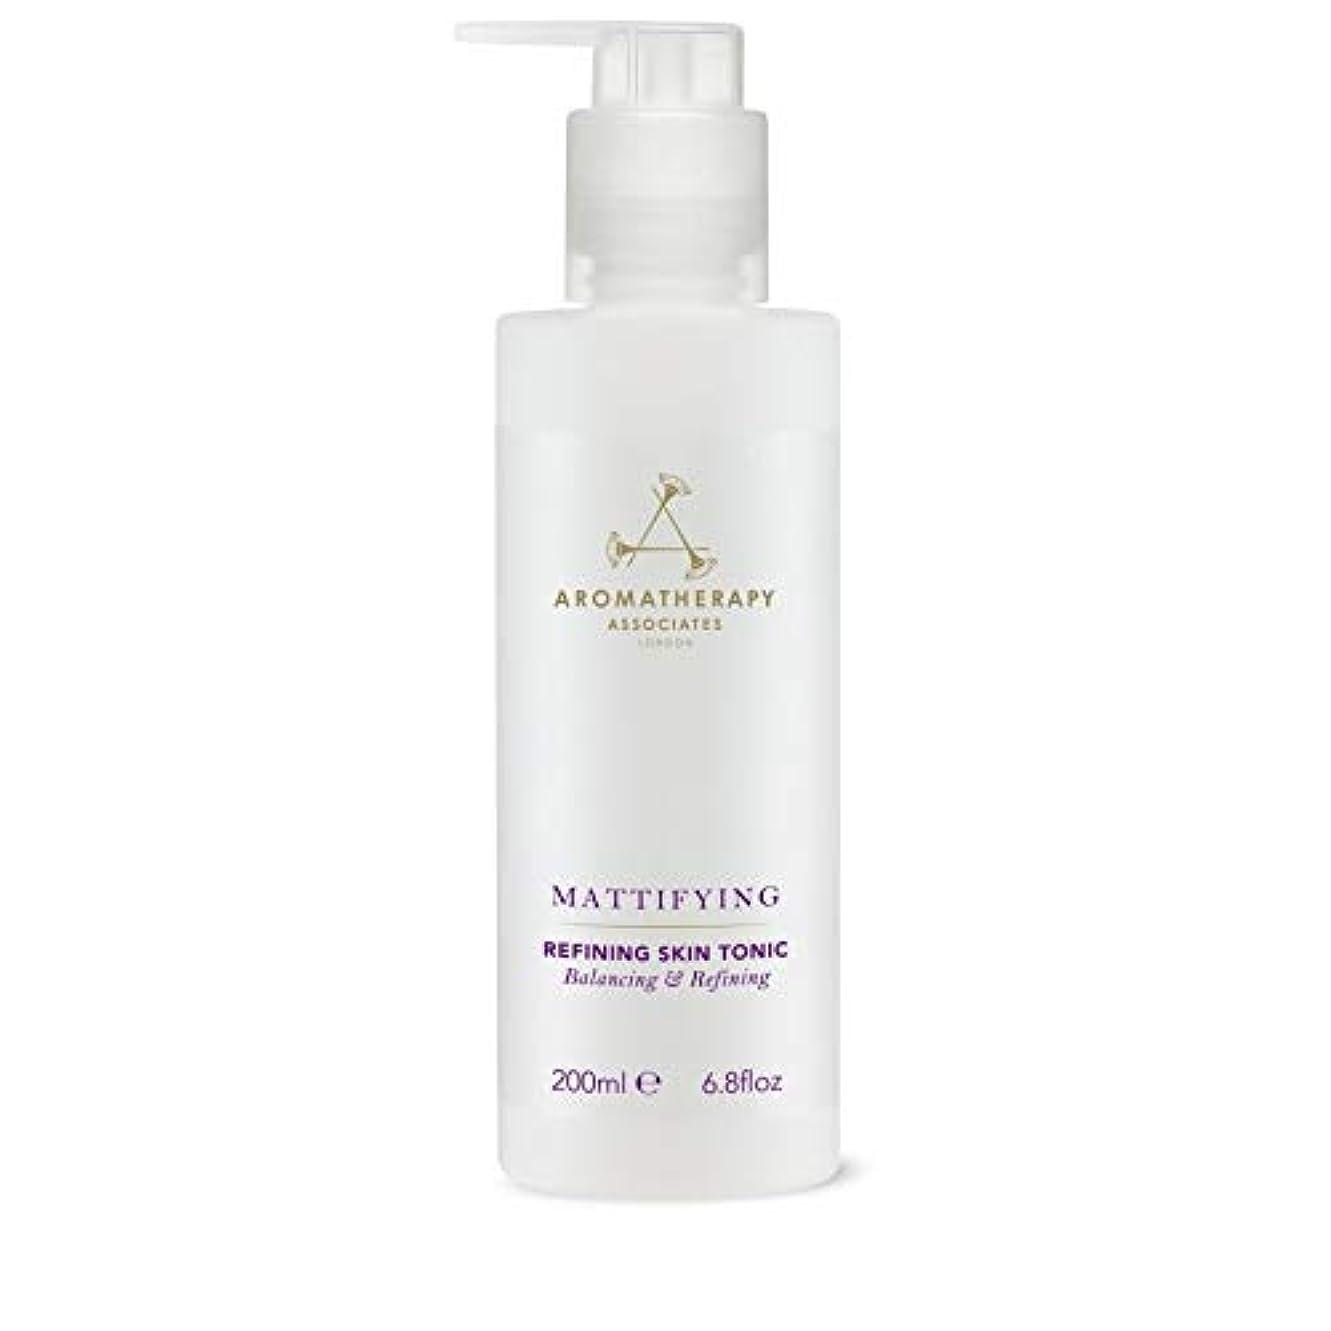 芽ショート下線[Aromatherapy Associates ] アロマセラピーアソシエイツ精錬皮膚の強壮剤、アロマセラピーアソシエイツ - Aromatherapy Associates Refining Skin Tonic,...